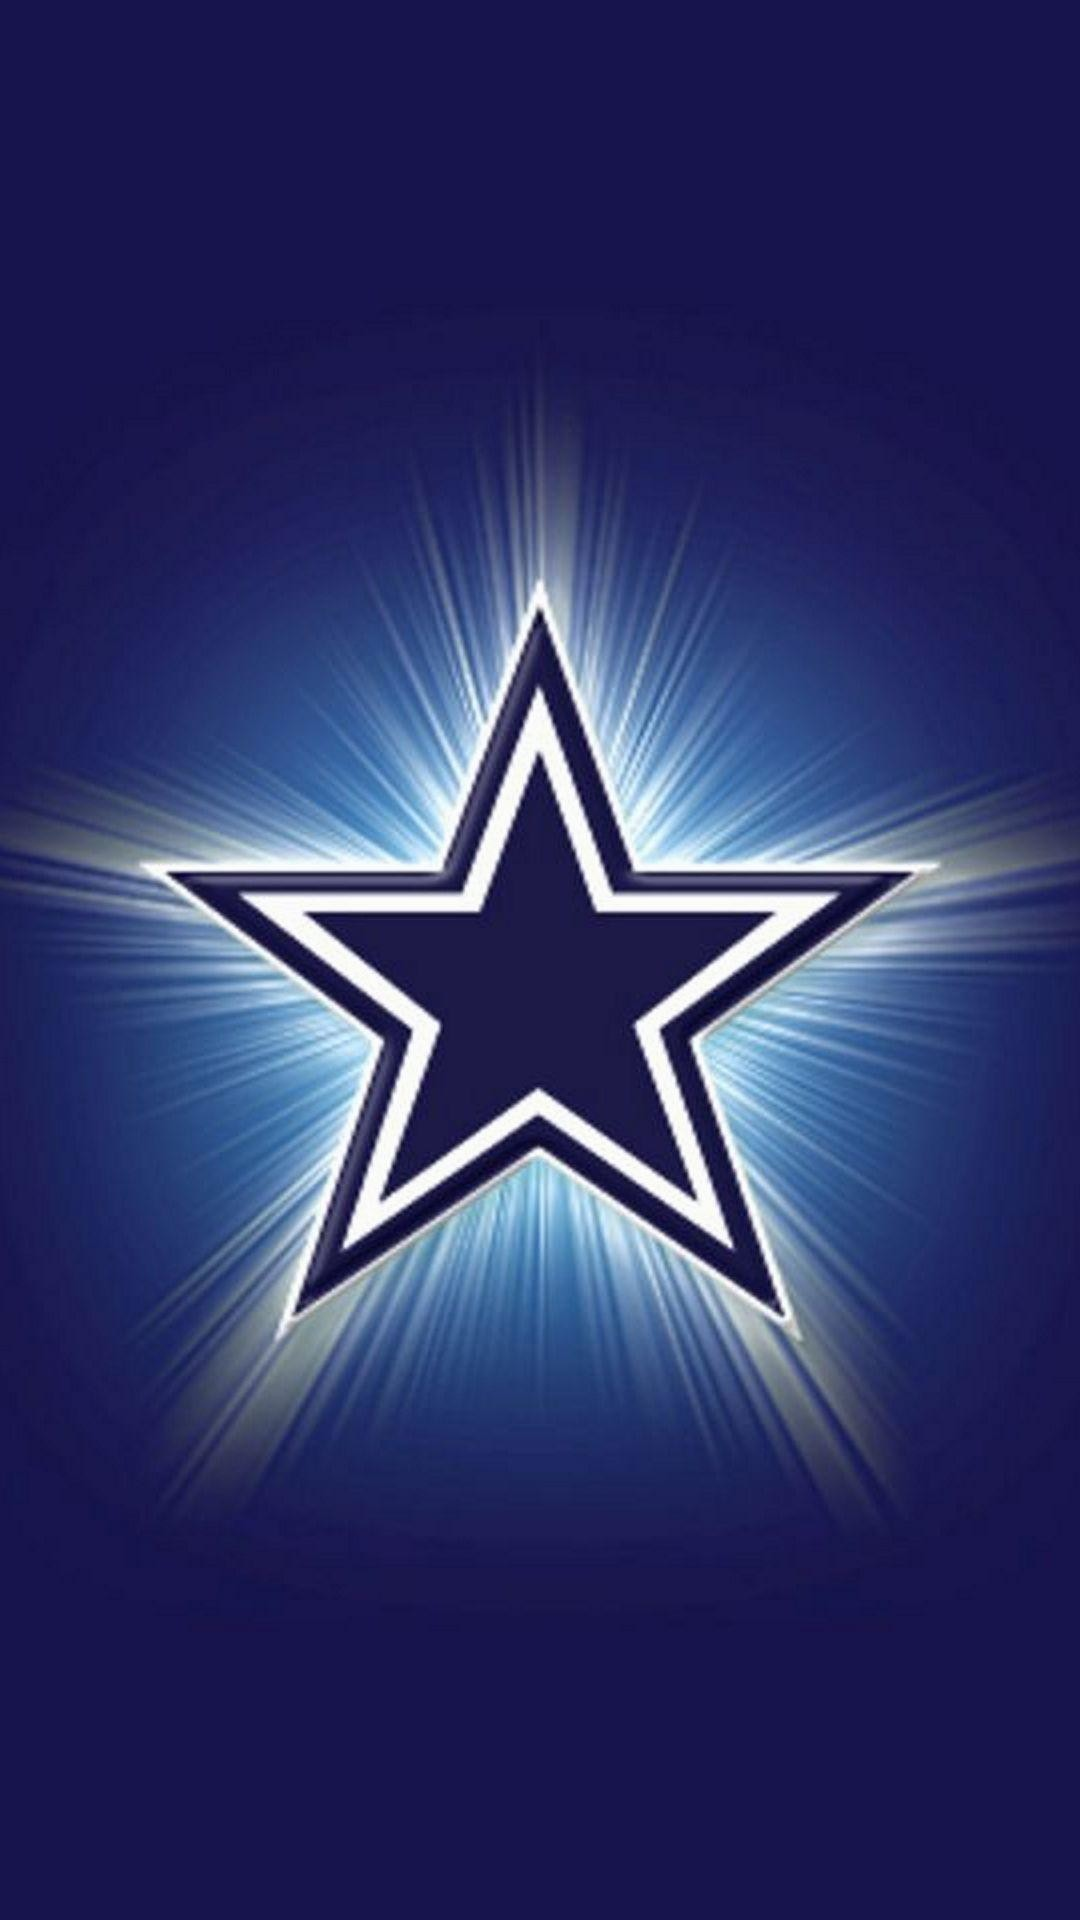 Dallas Cowboys Wallpaper Widescreen